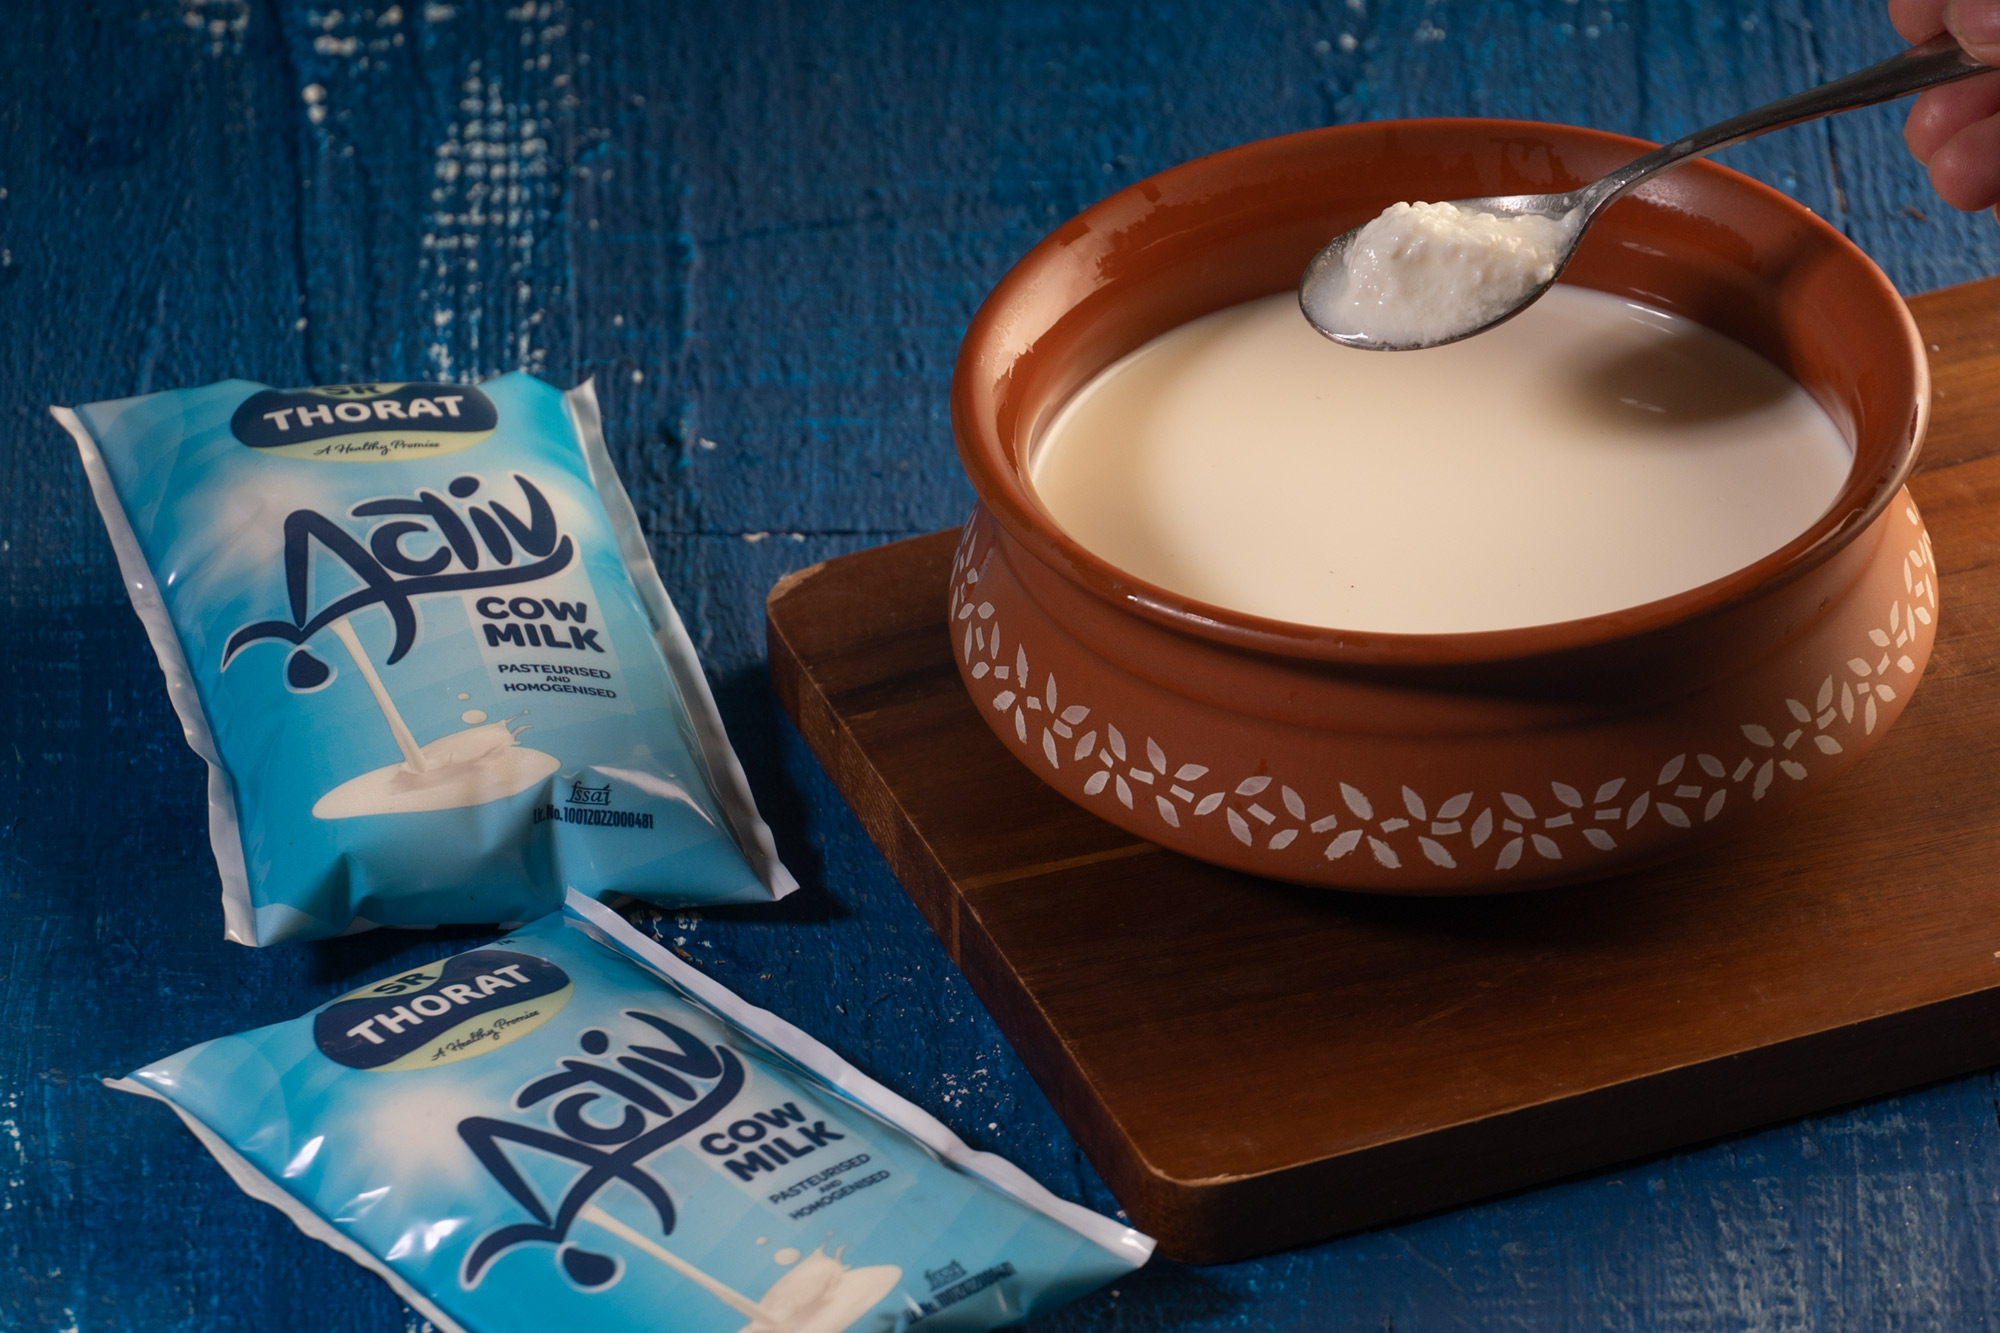 Add dahi to the milk